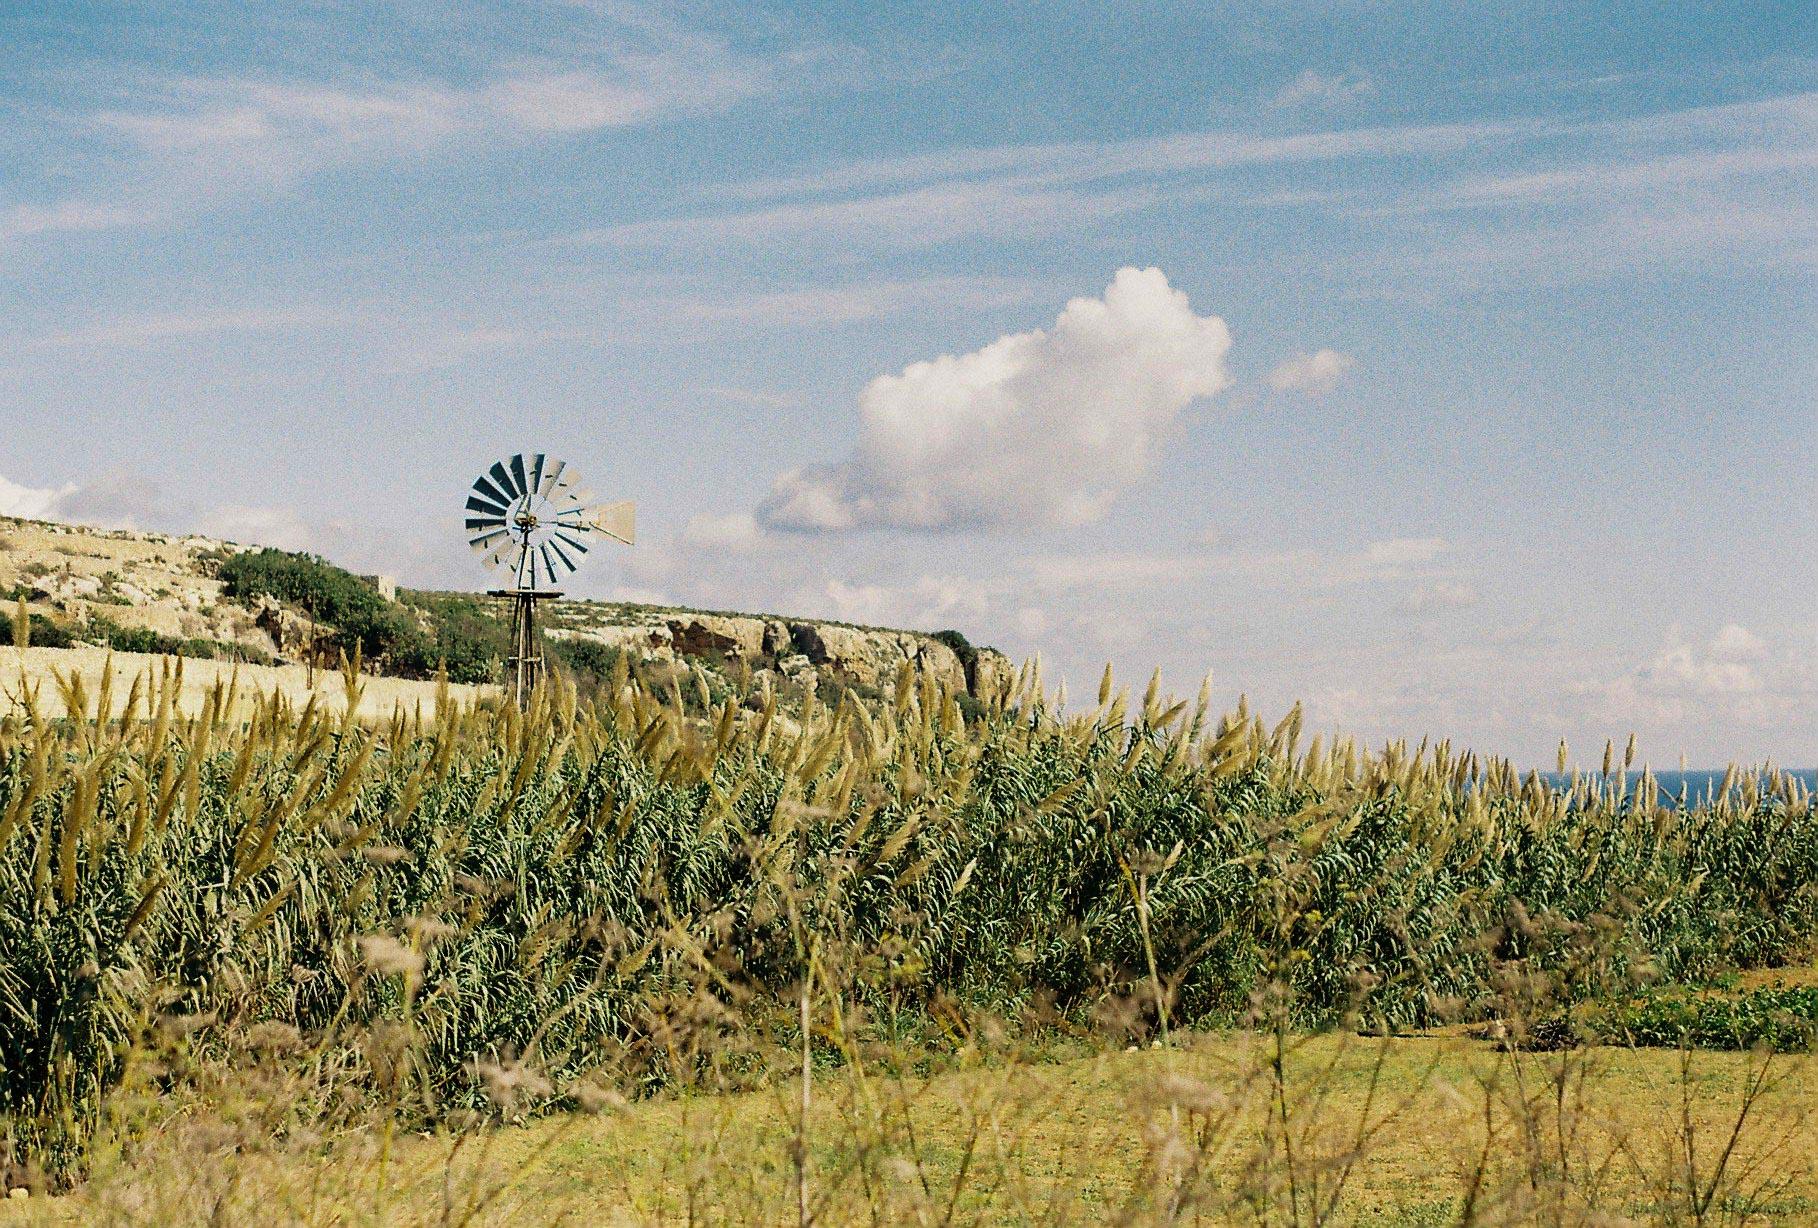 Malta farm